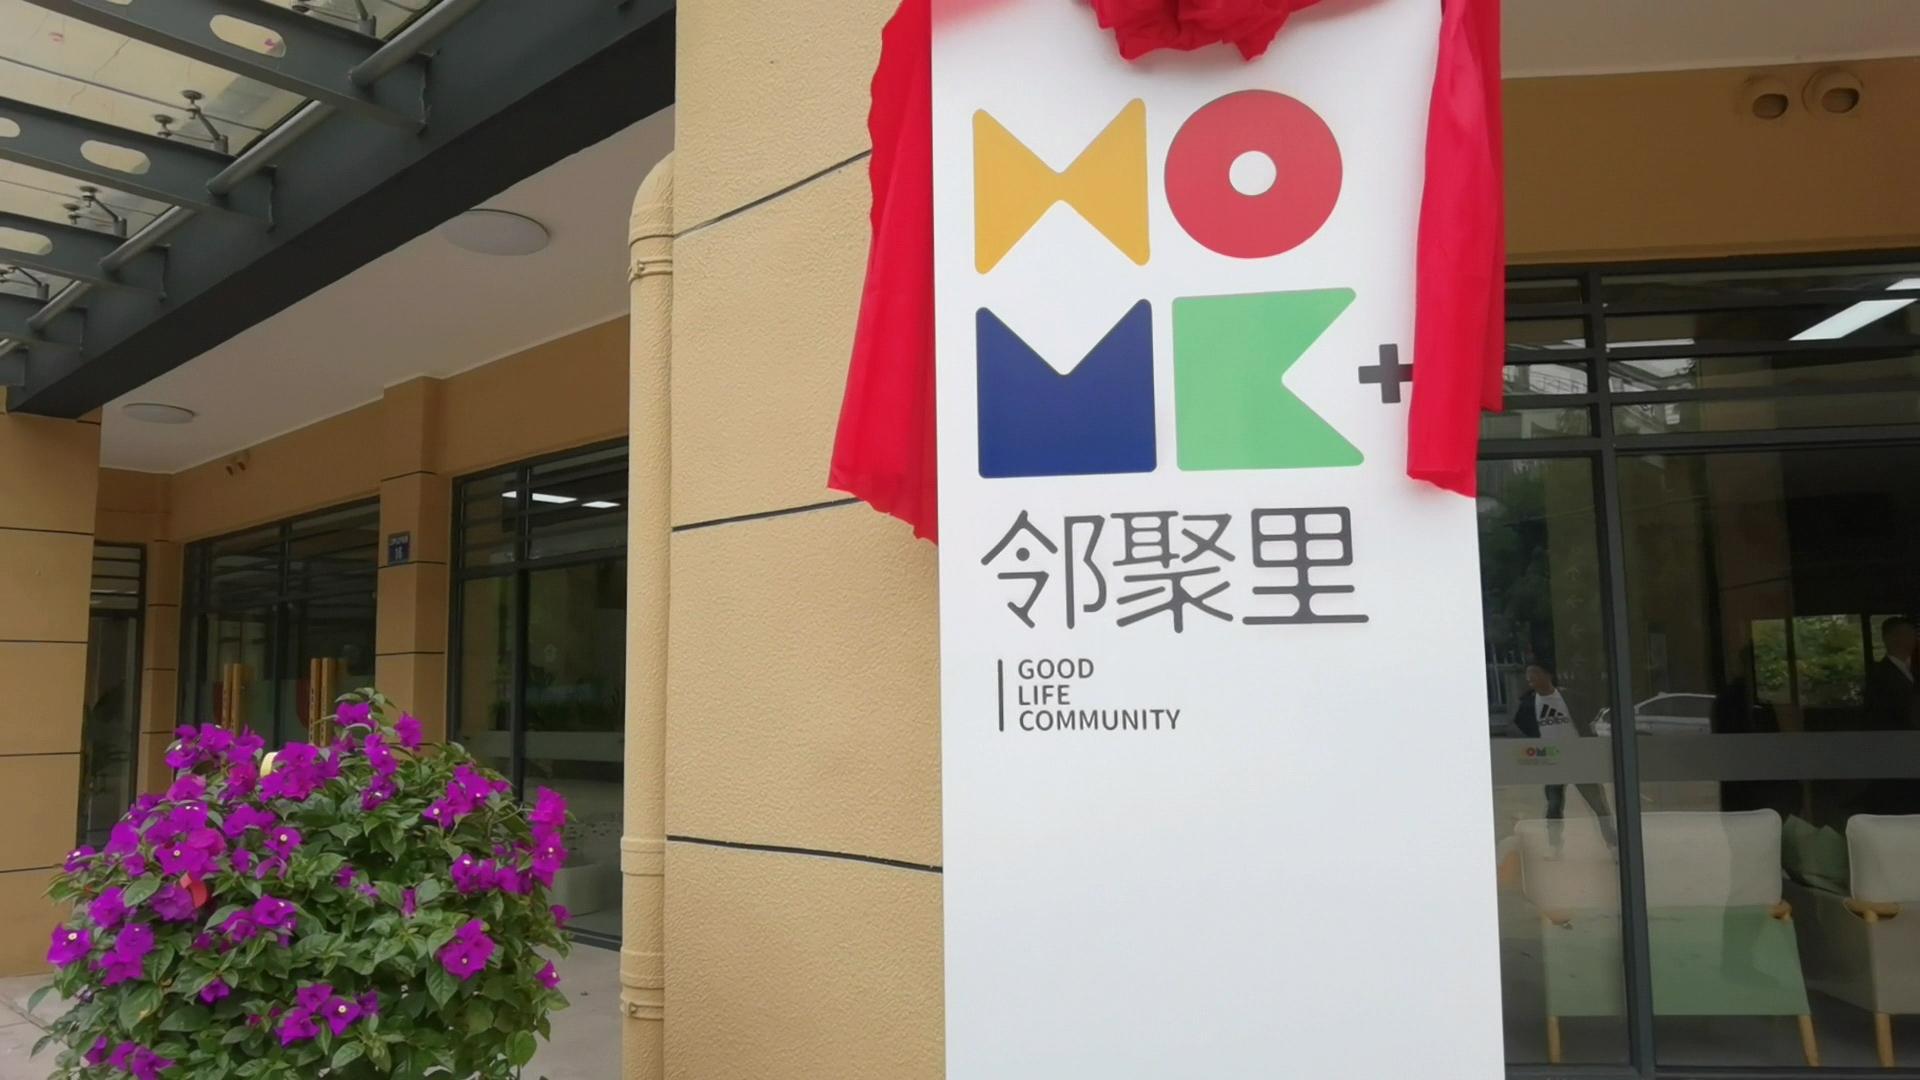 滨文社区美好生活共同体正式开幕